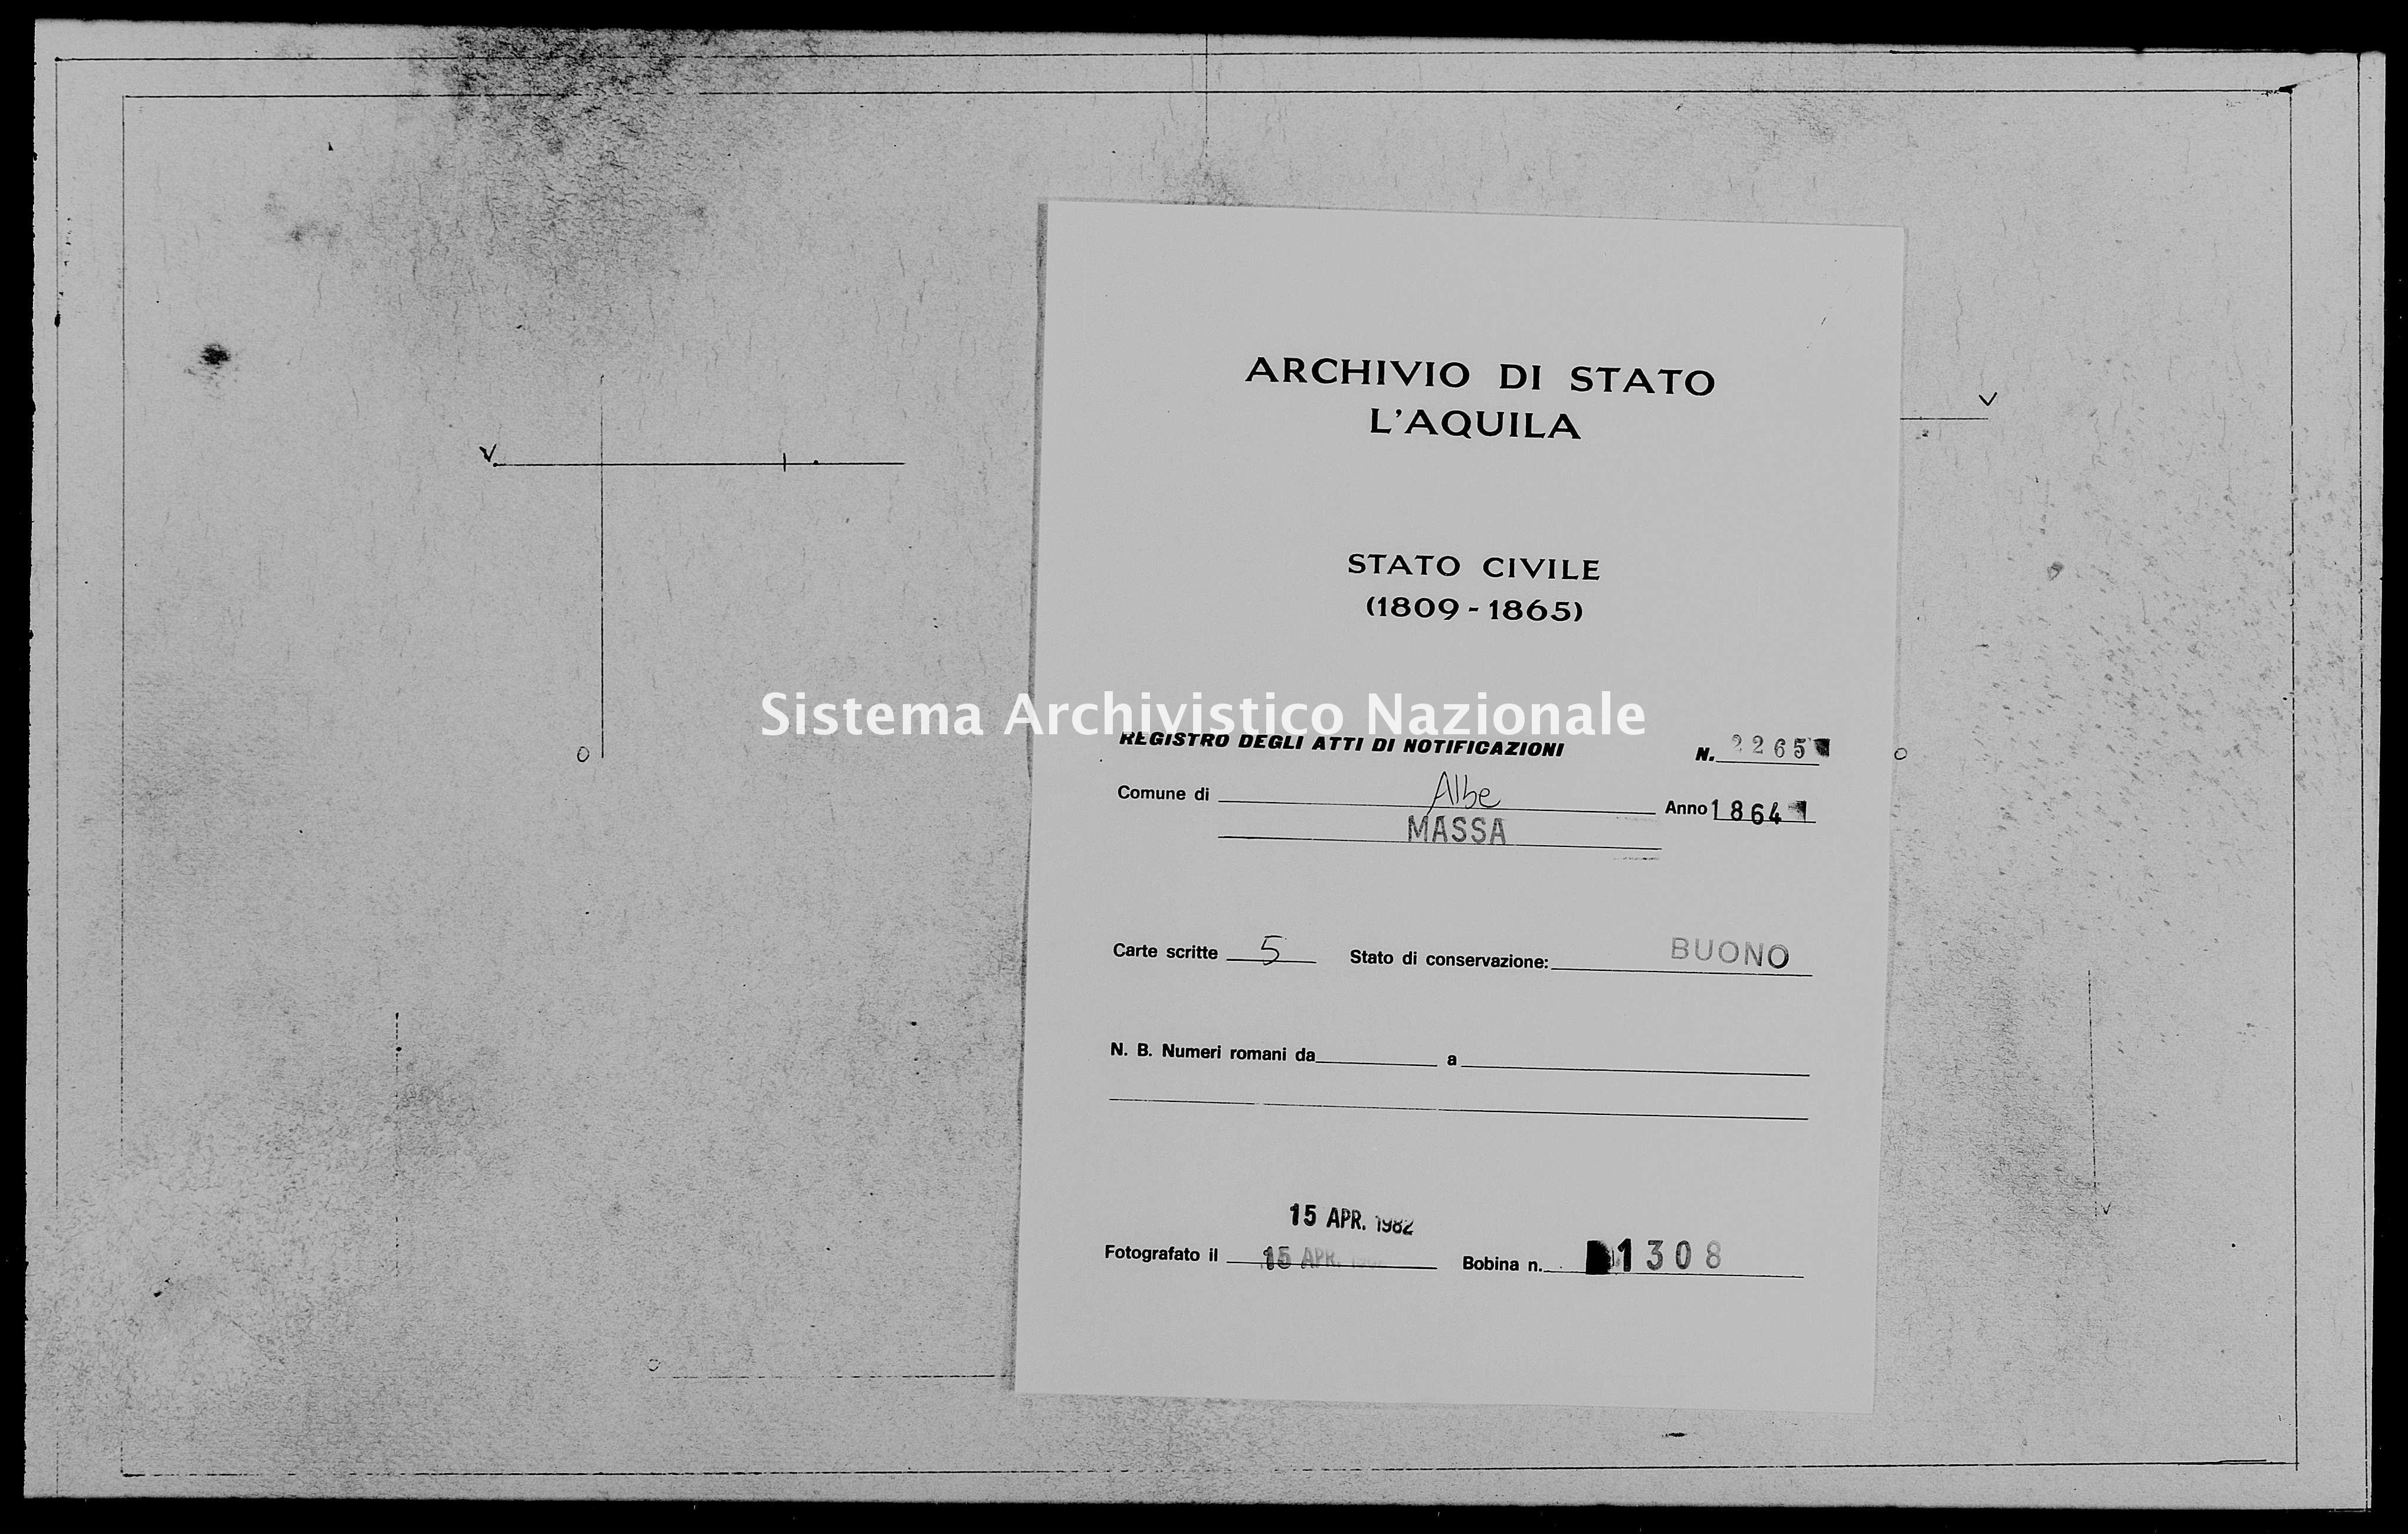 Archivio di stato di L'aquila - Stato civile italiano - Albe - Matrimoni, memorandum notificazioni ed opposizioni - 1864 - 2265 -